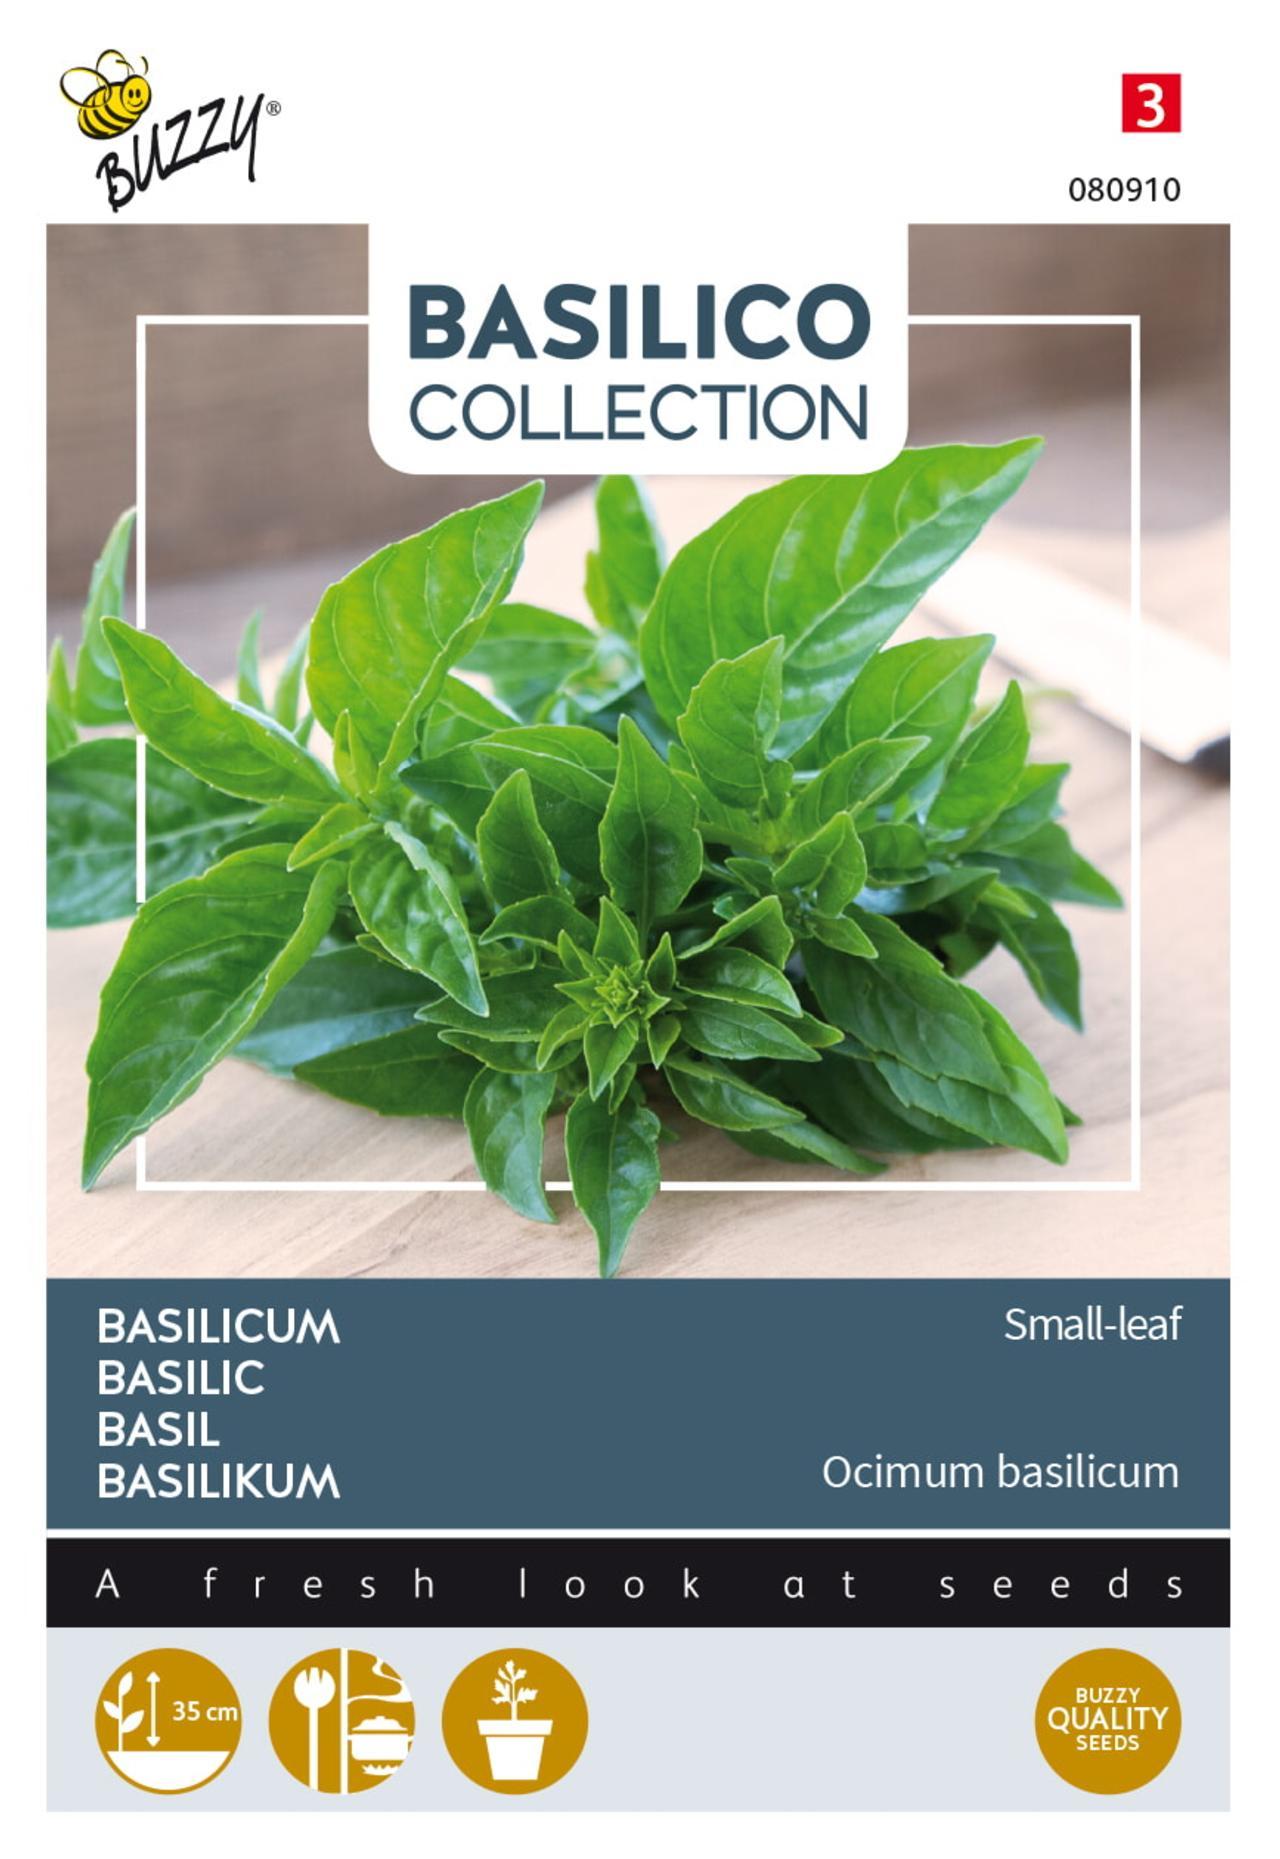 Ocimum basilicum 'Small-leaf' plant